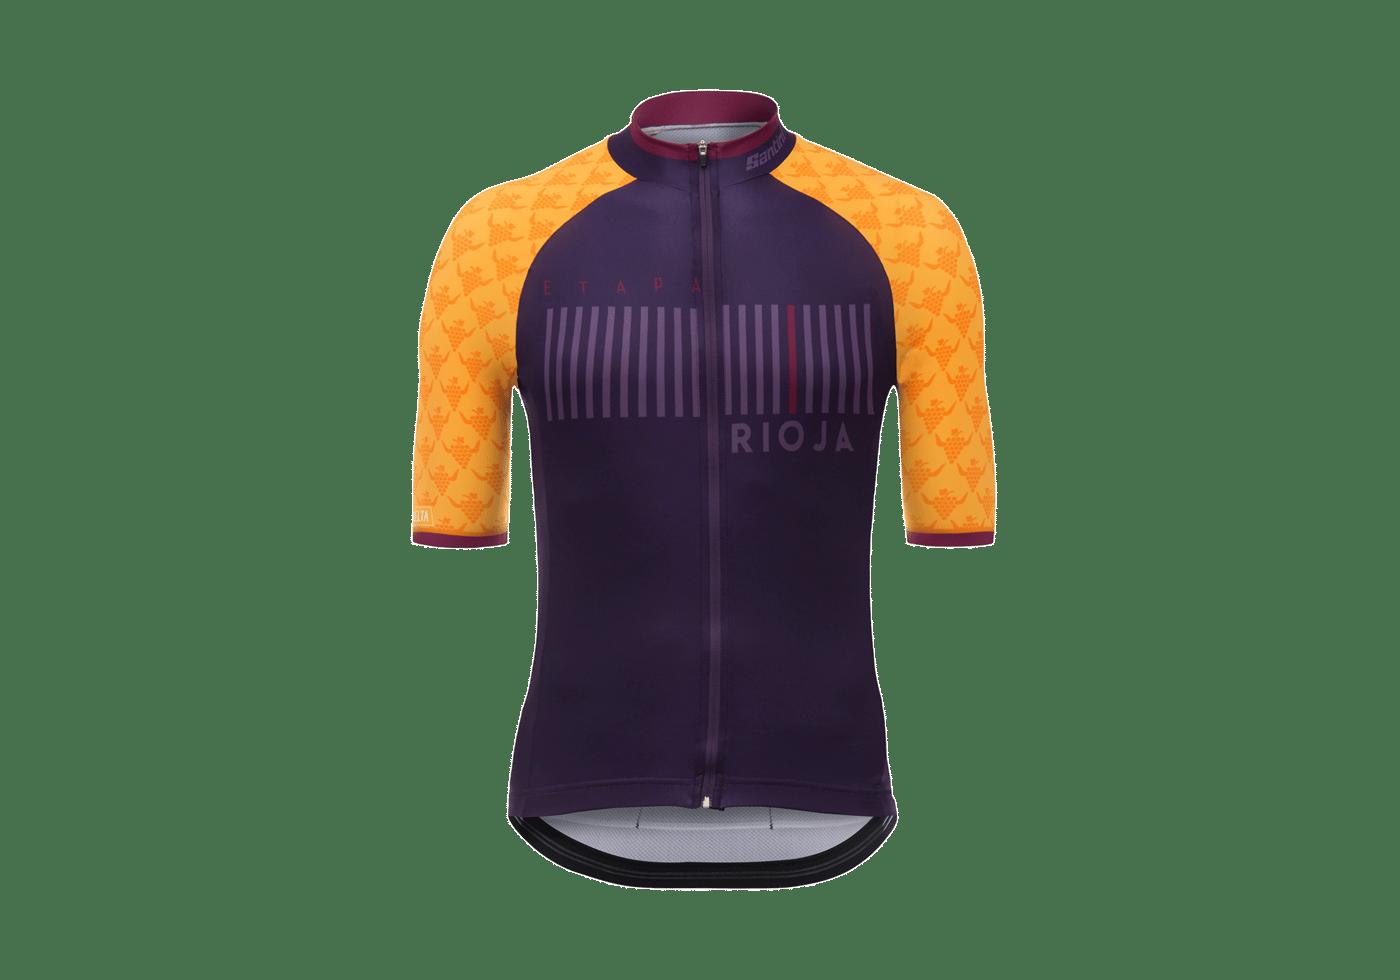 Maillot La Vuelta - Etapa La Rioja 2017 I